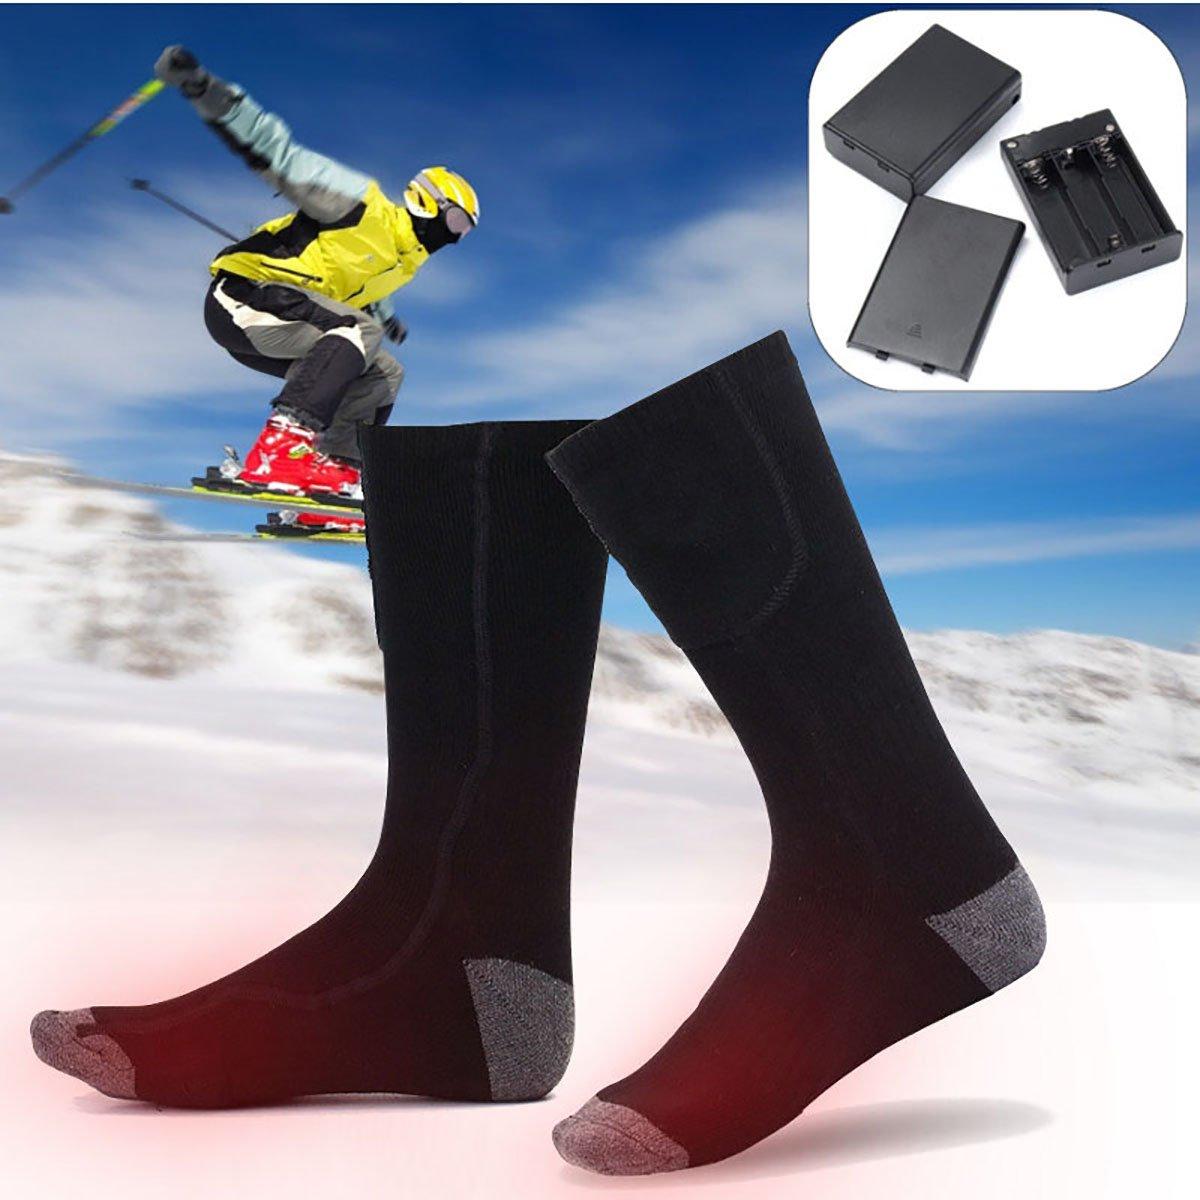 SAFEPRINT Tyon Calcetines con calefactor para hombre y mujer, calcetines térmicos con batería algodón, soporte calentador Calcetines para esquí/snowboard/räumung de nieve/hielo Correr SAFETYON